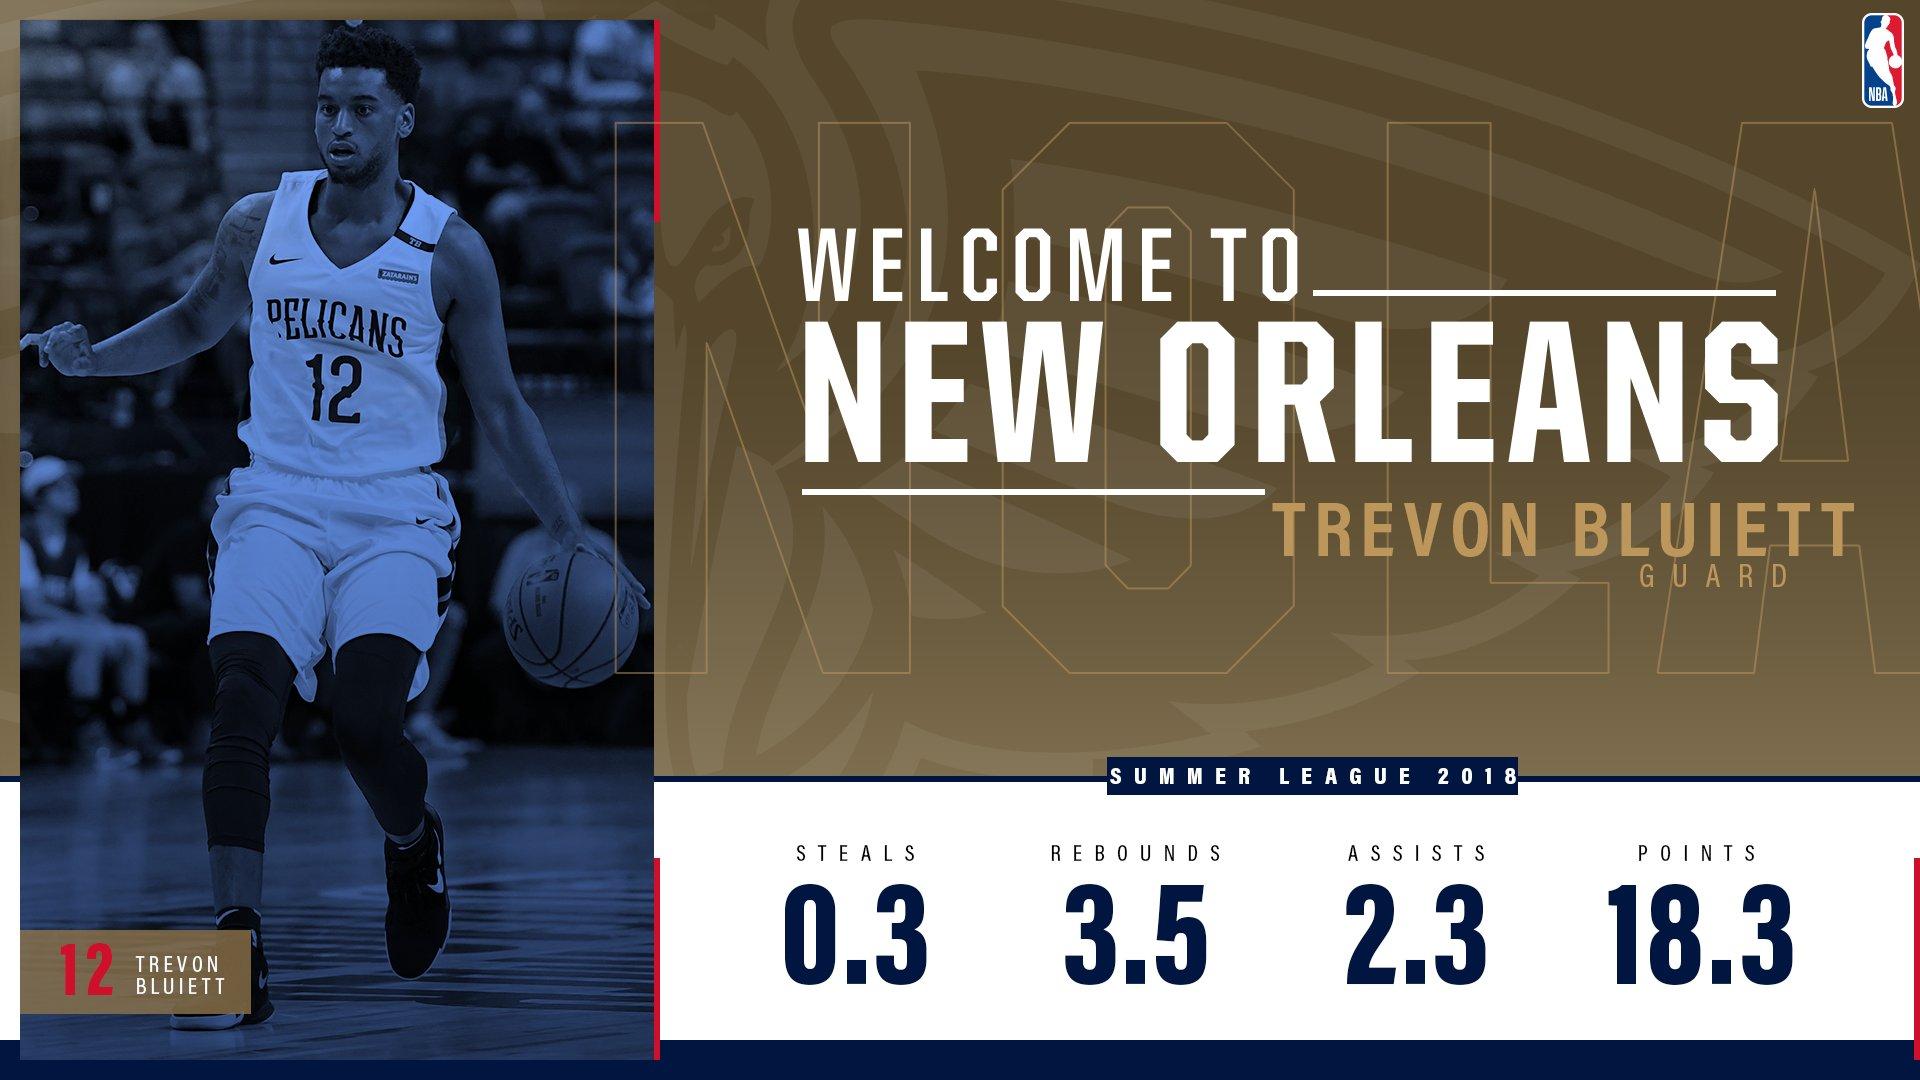 #Pelicans sign guard Trevon Bluiett to a two-way contract  INFO: https://t.co/ls2VrkPuhH https://t.co/U2jiW7Fsa7